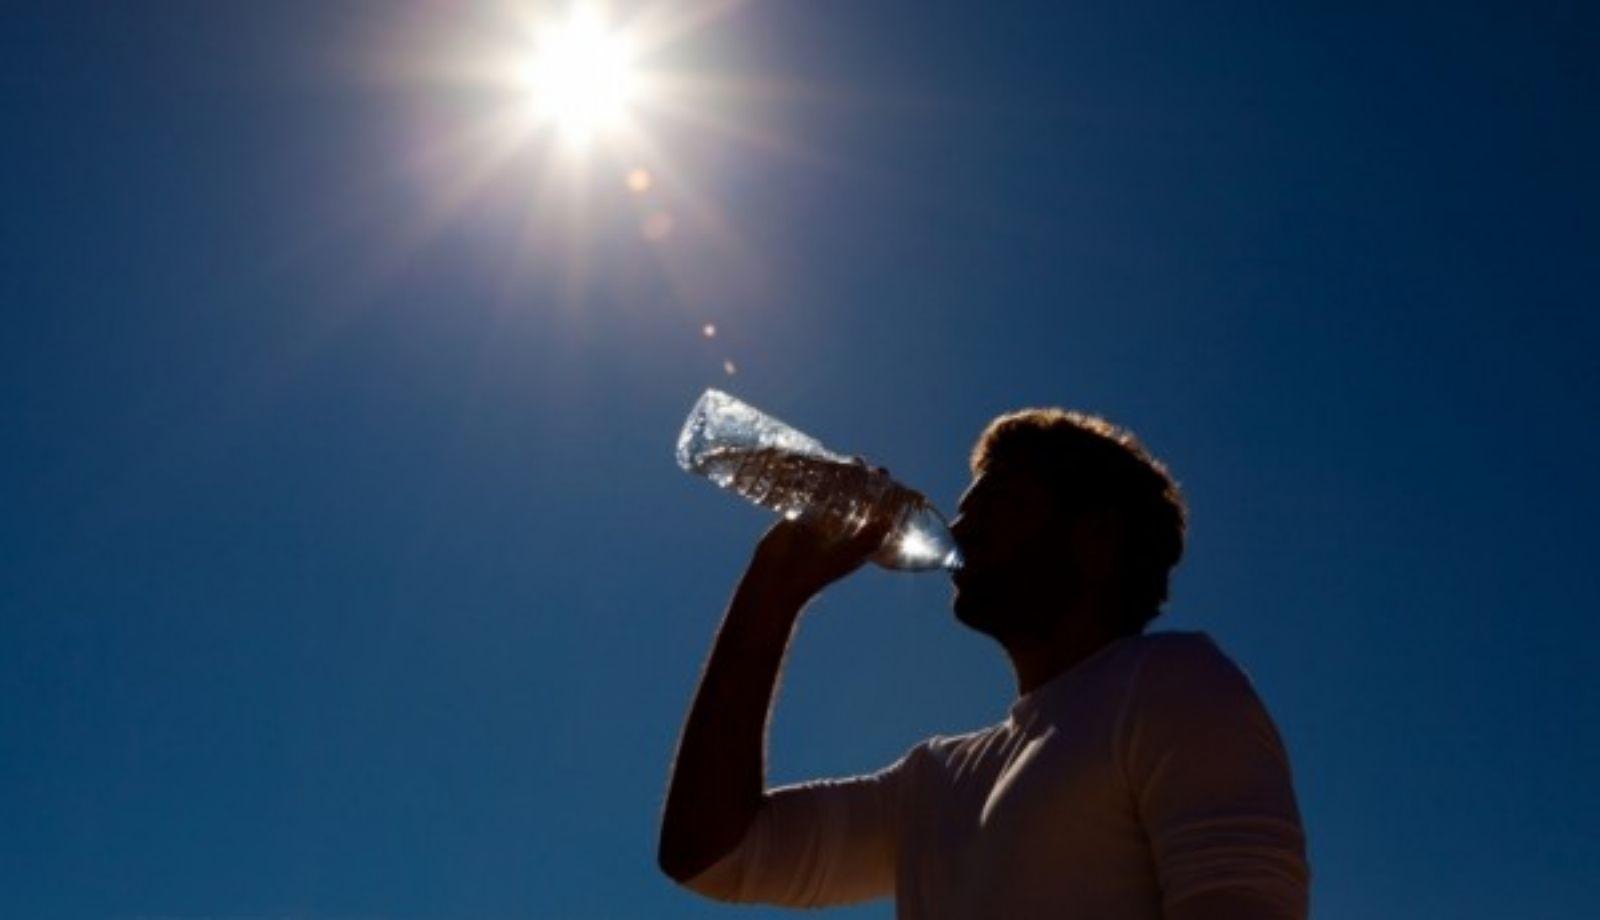 بالصور اعلى درجة حرارة في العالم , اغرب العوامل المناخيه وتسجيل اعلى درجه حراره 334 2